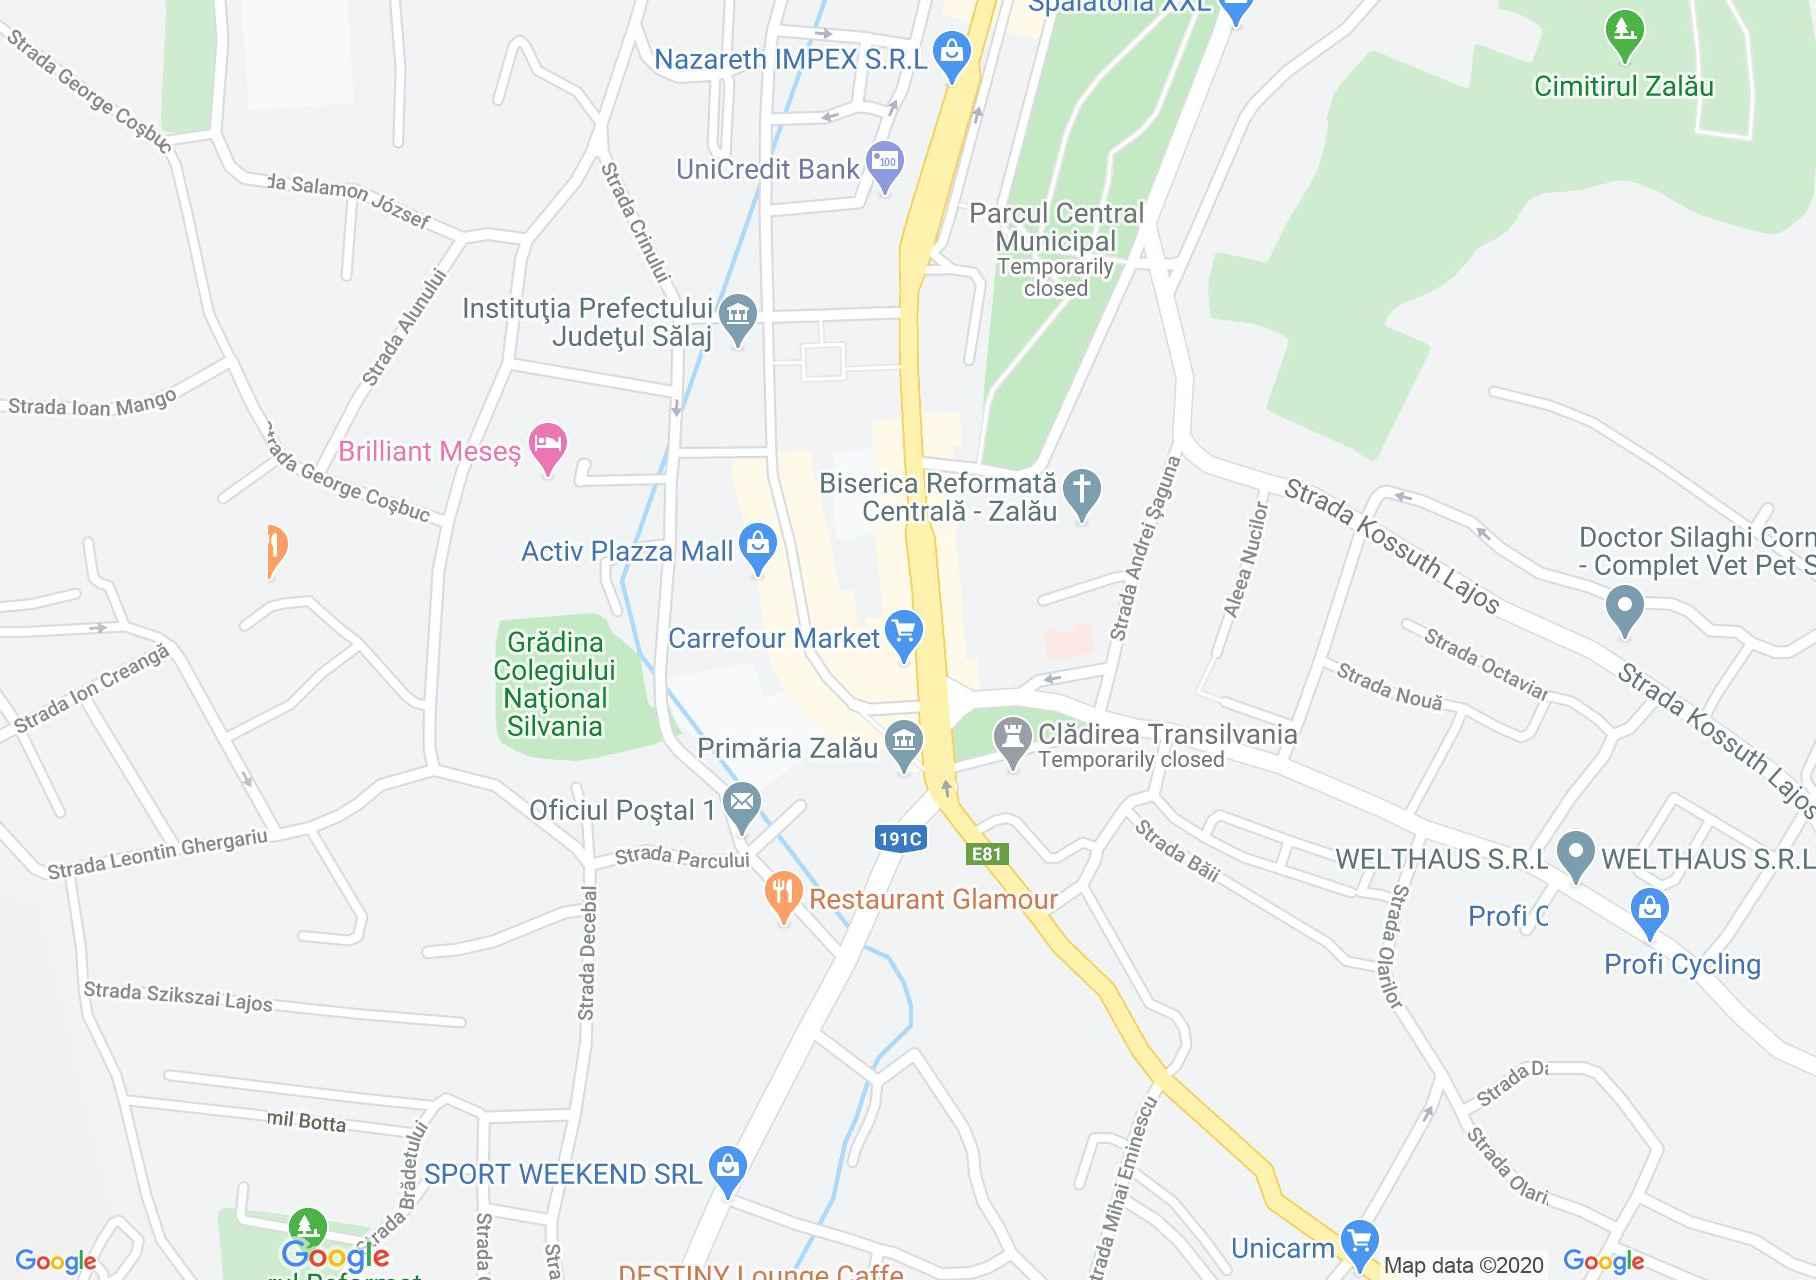 Centrul oraşului Zalău, Harta turistică interactivă